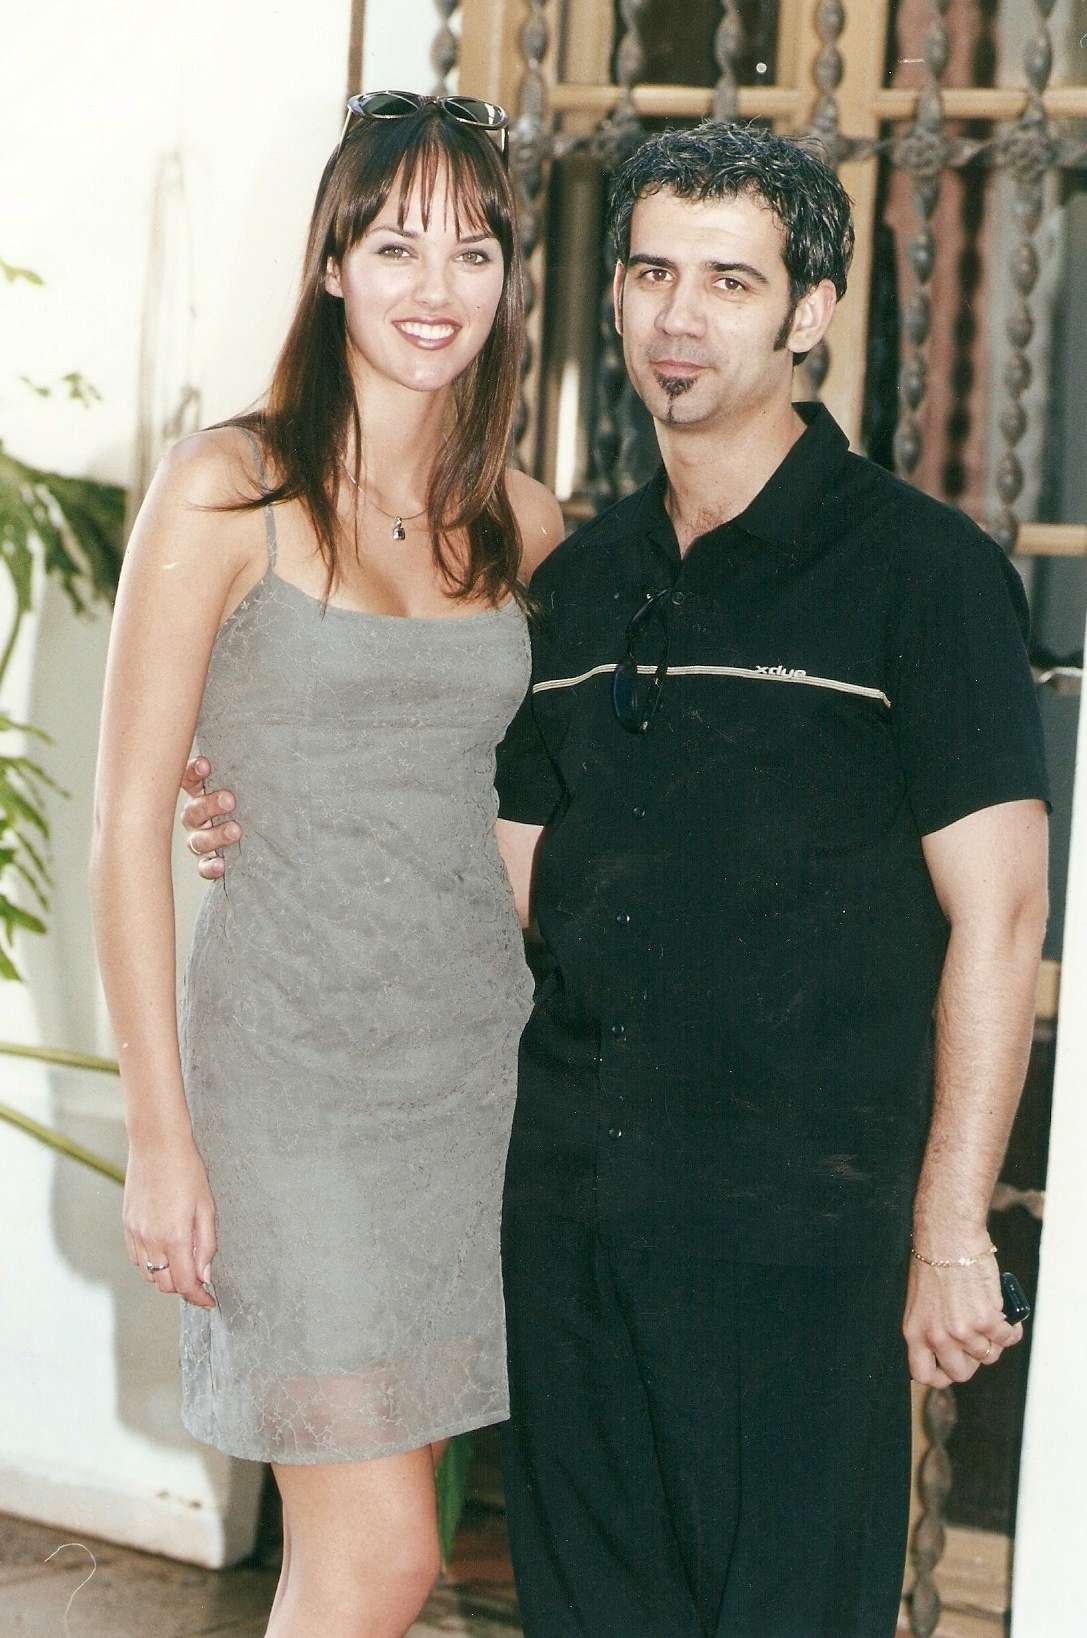 helen lindes griffiths, 2nd runner-up de miss universe 2000. Helen-15